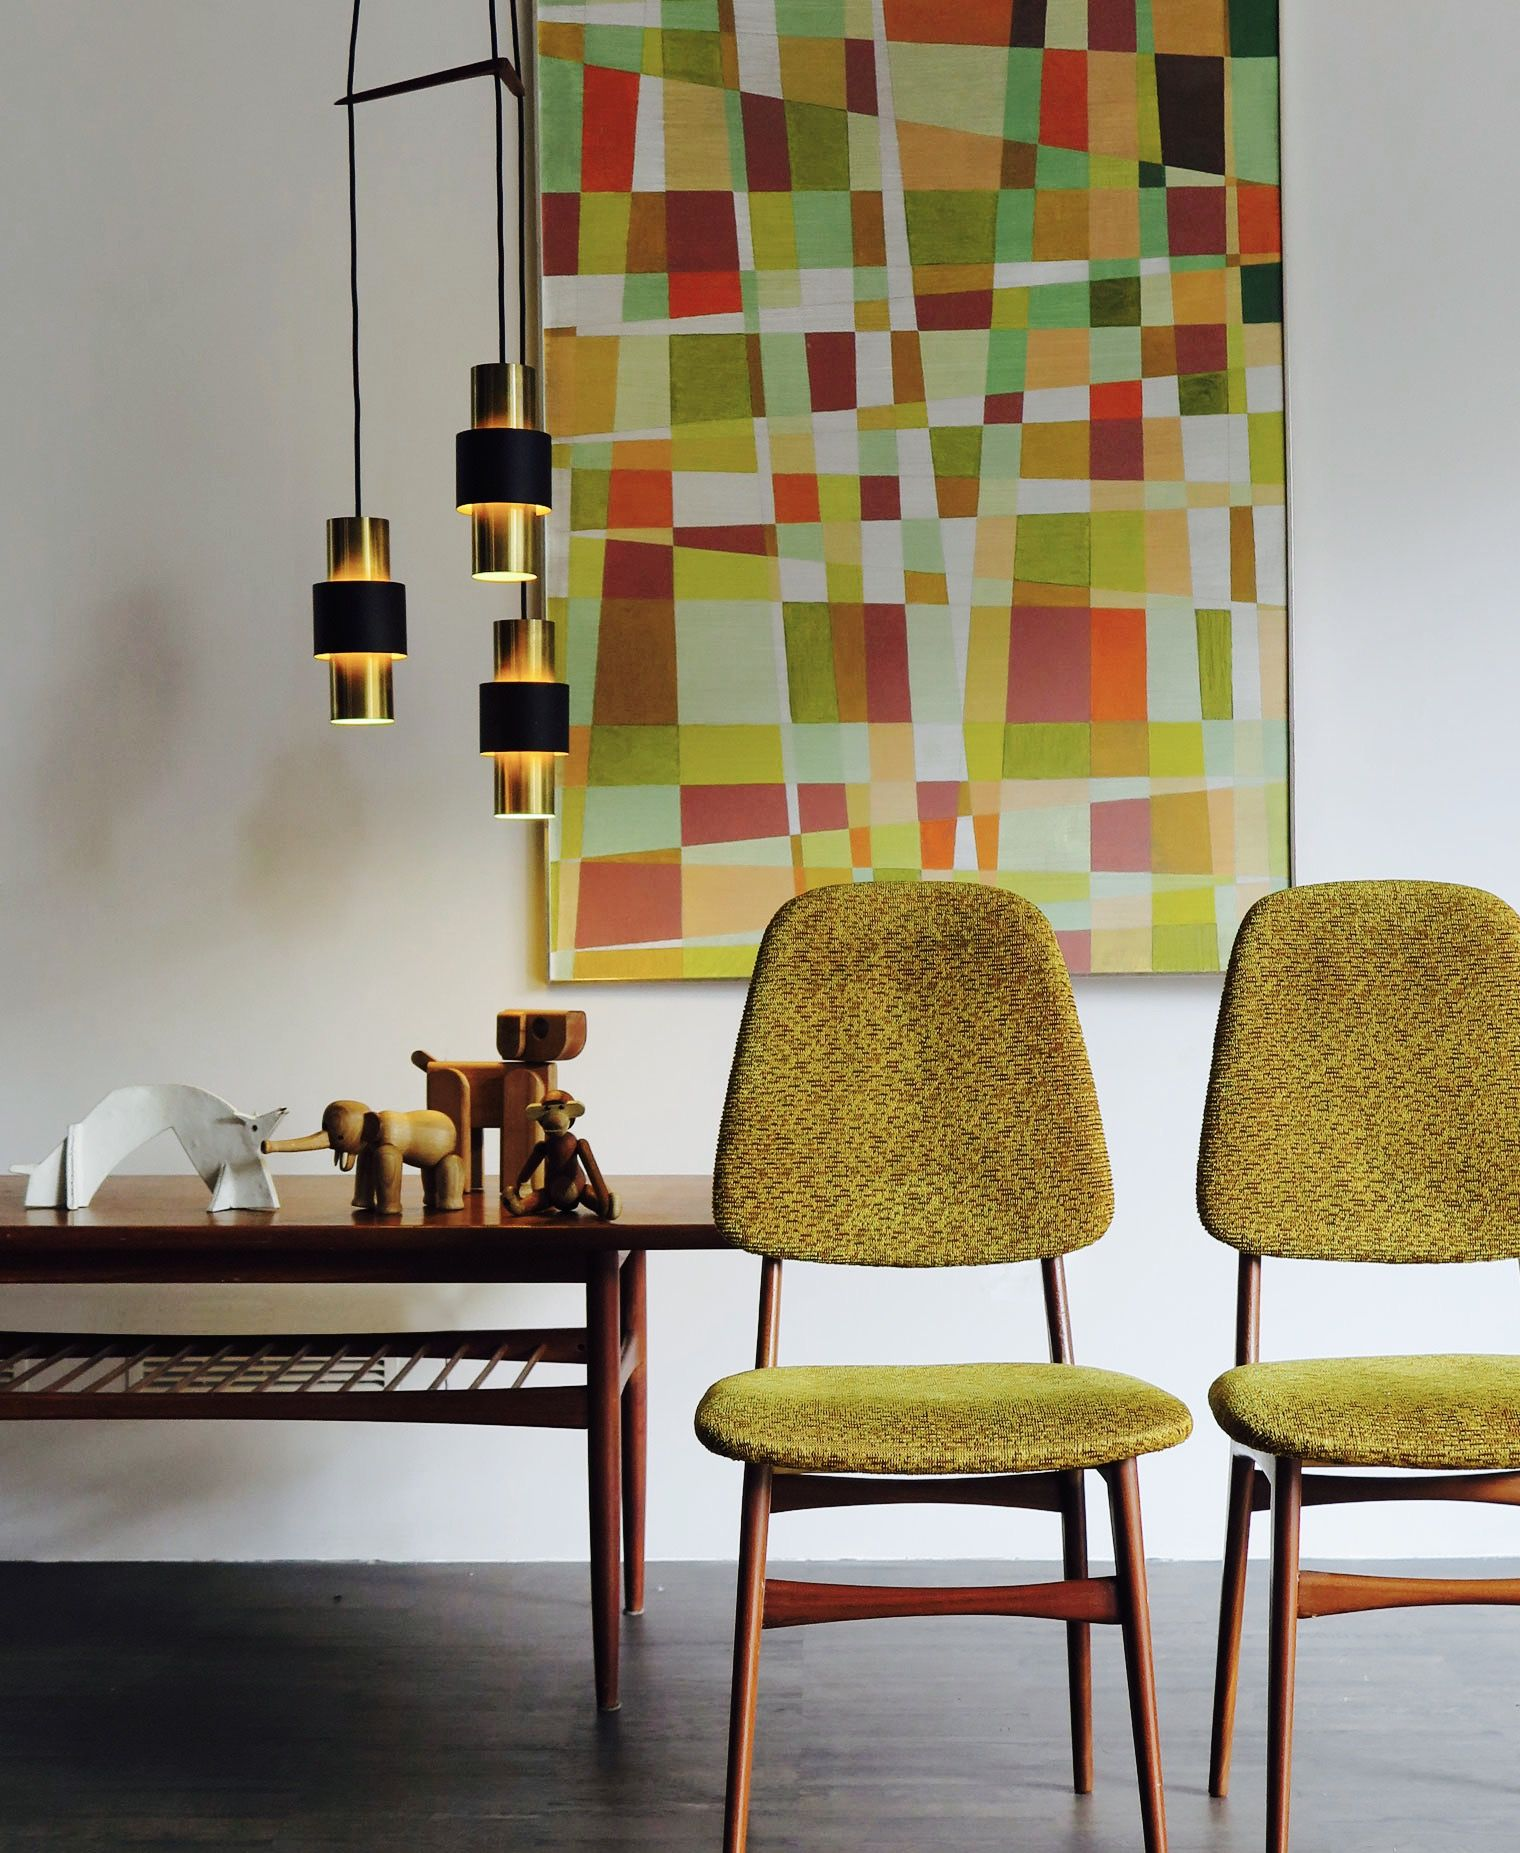 Sedie danesi anni 60 lampada danese design jo hammerborg for Sedie design danese